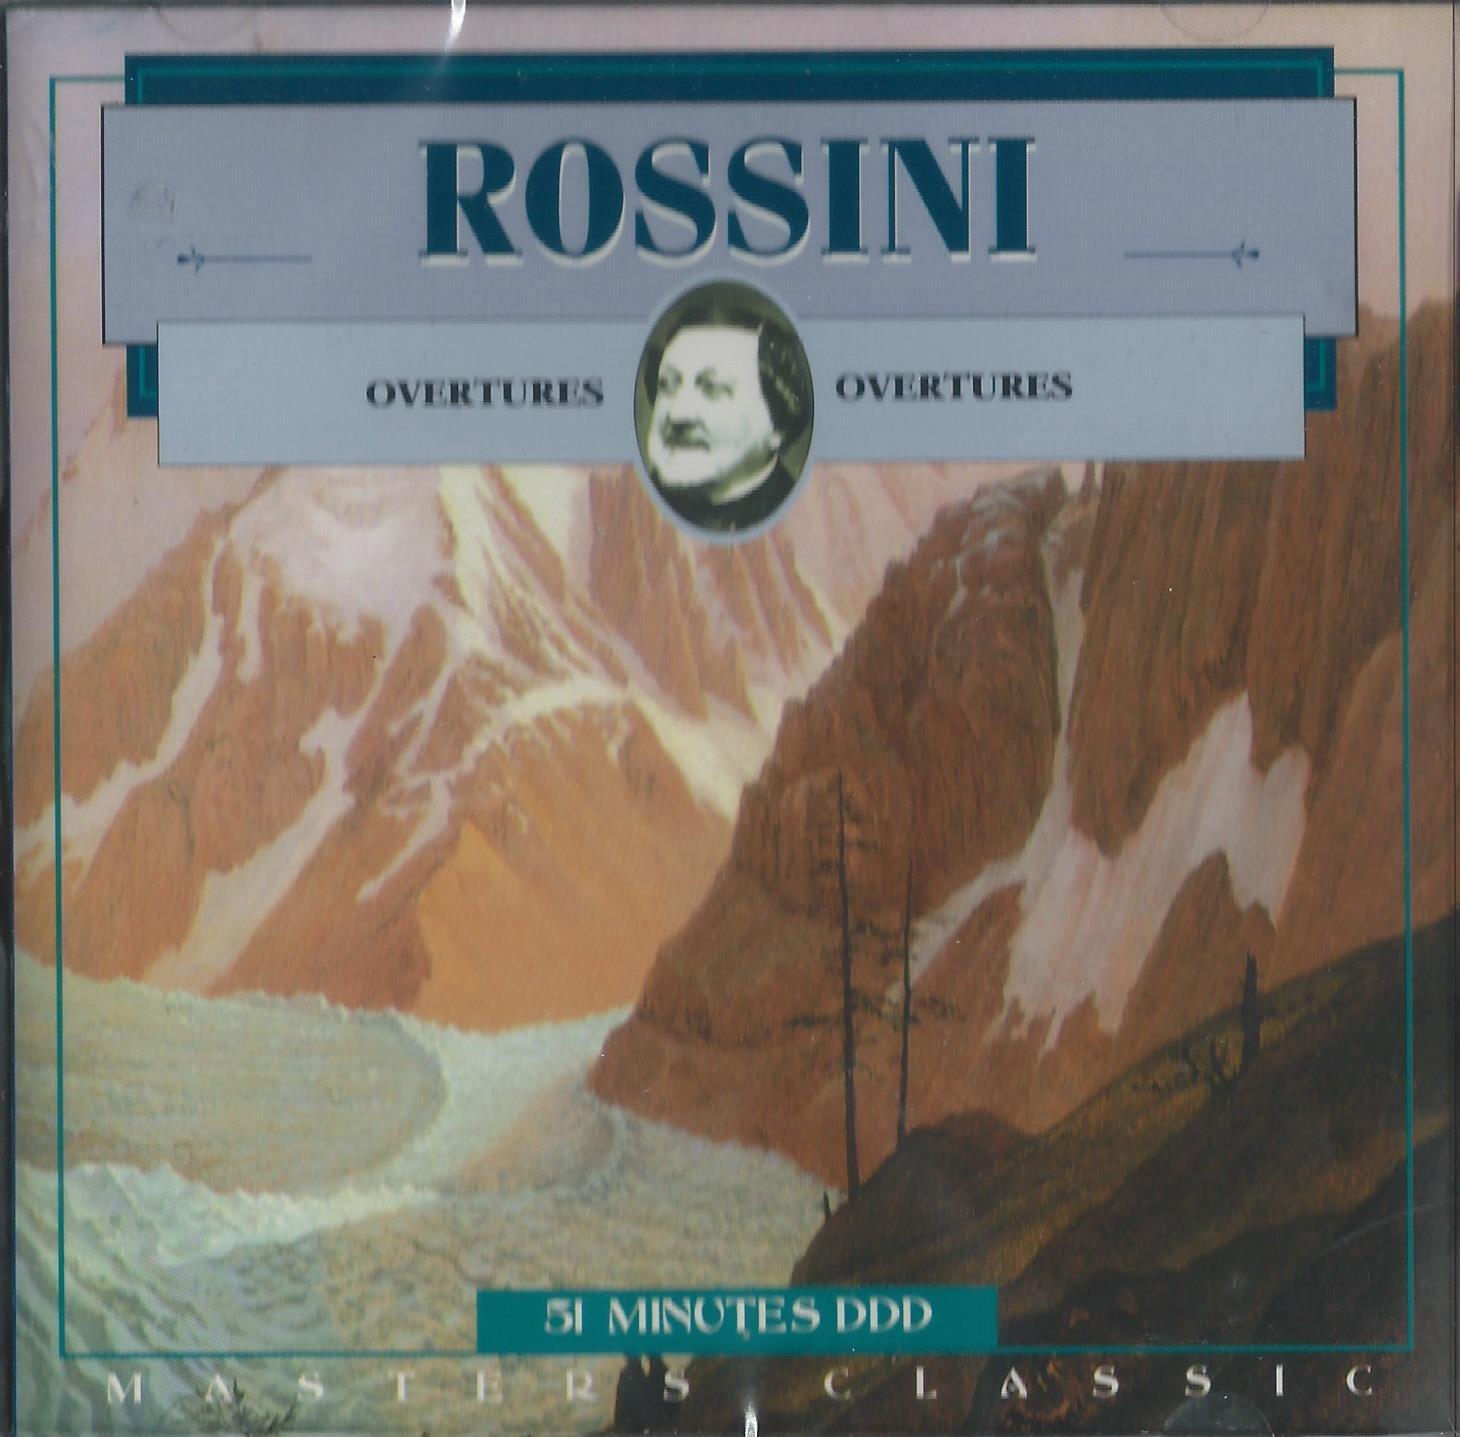 Rossini Overtures